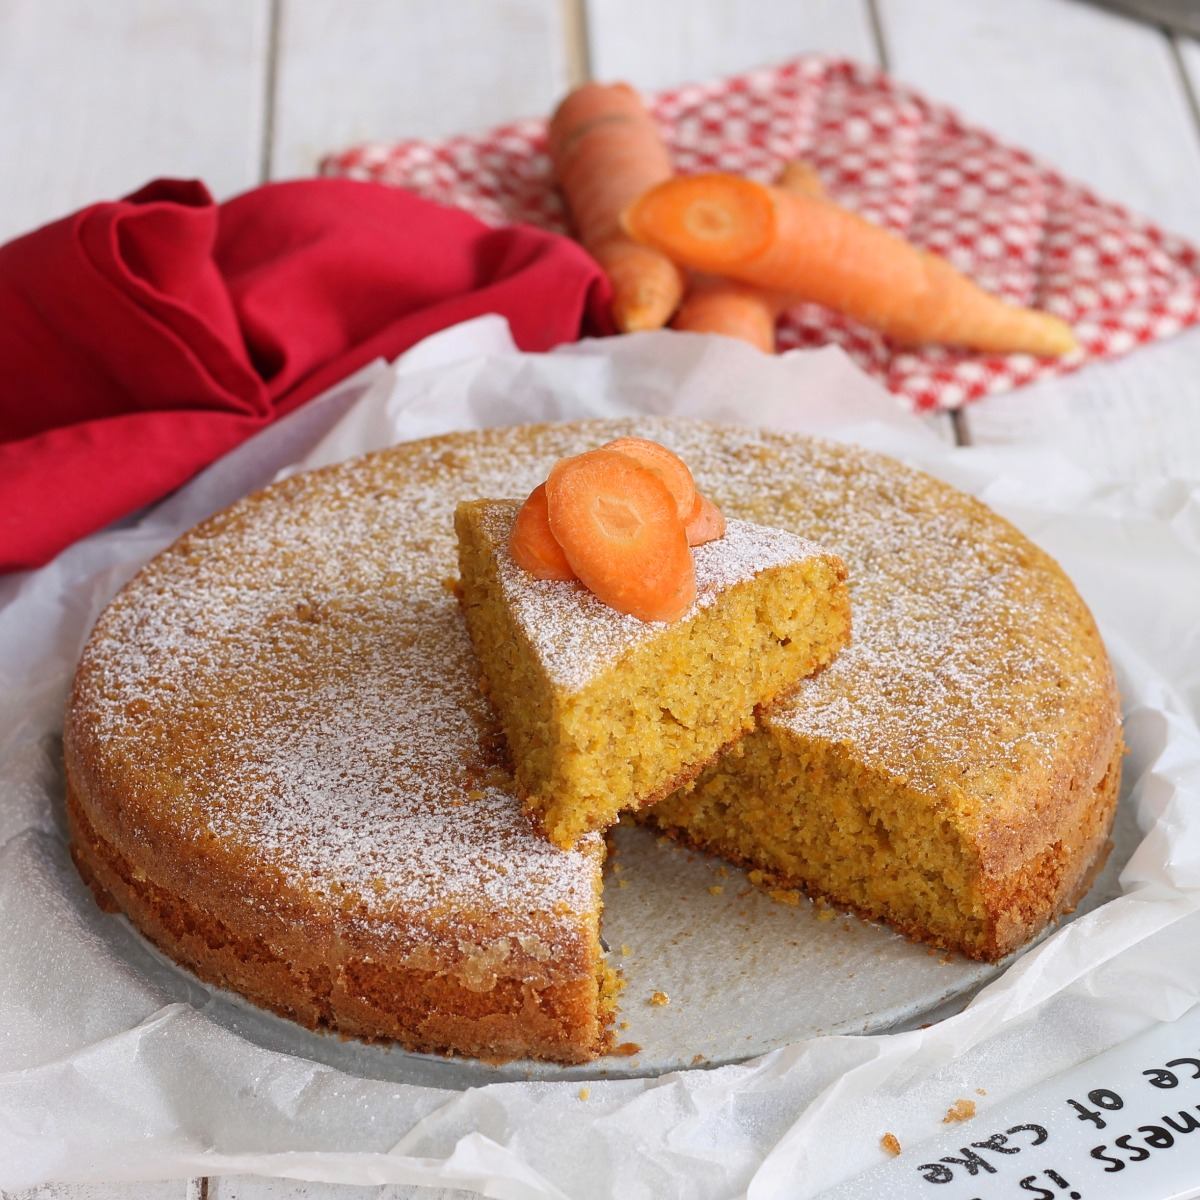 TORTA DI CAROTE SENZA UOVA ricetta torta di carote in padella o al forno